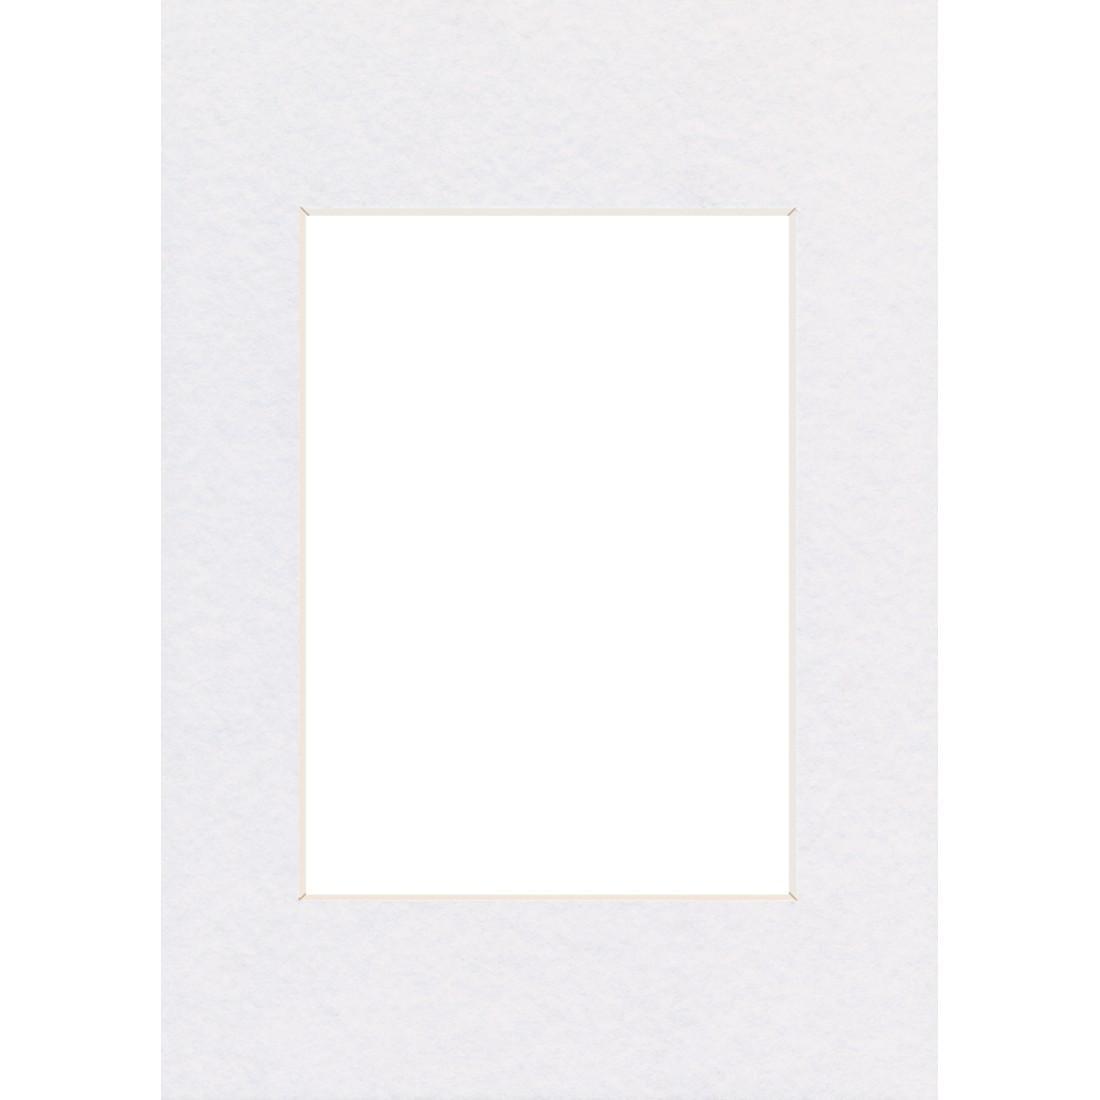 Hama Passe-partout Premium, blanc arctique, 40 x 60 cm 63218